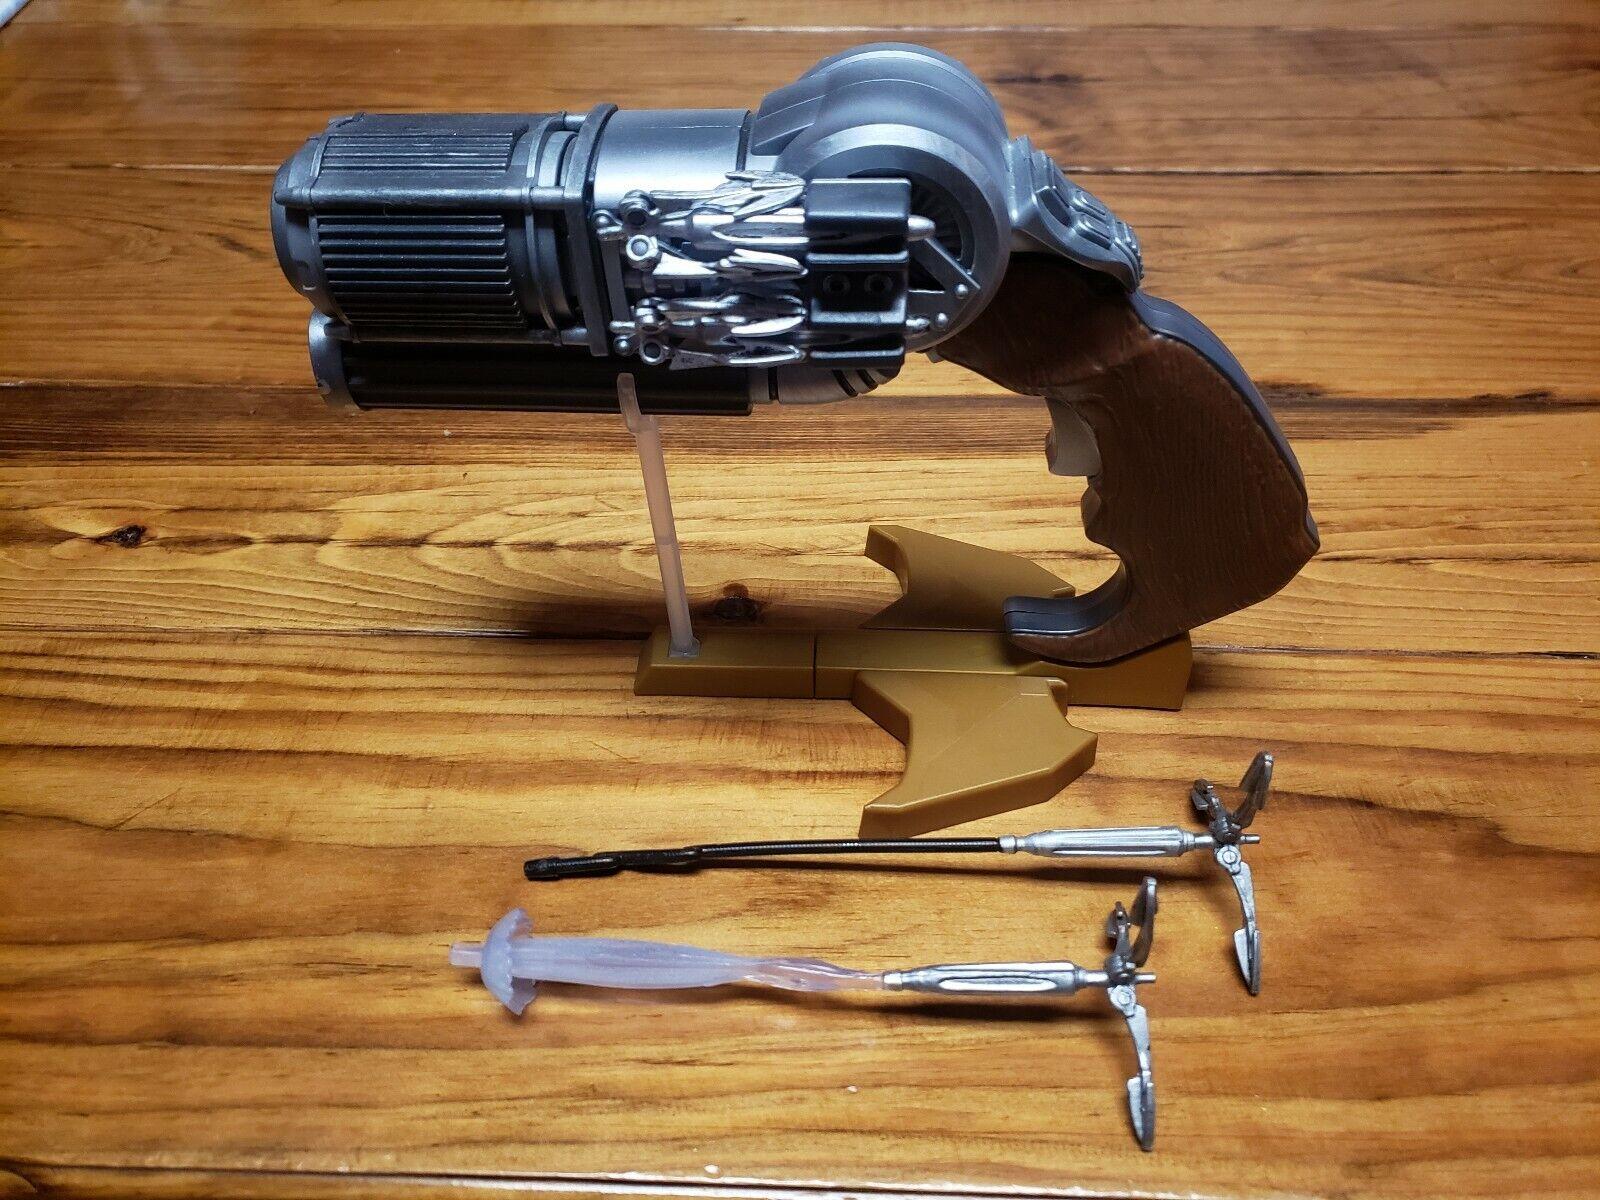 DC Multipass BAF Komplett CnC Grannel Blaster w  Lägg till Ons Exklusiva C&C Batman